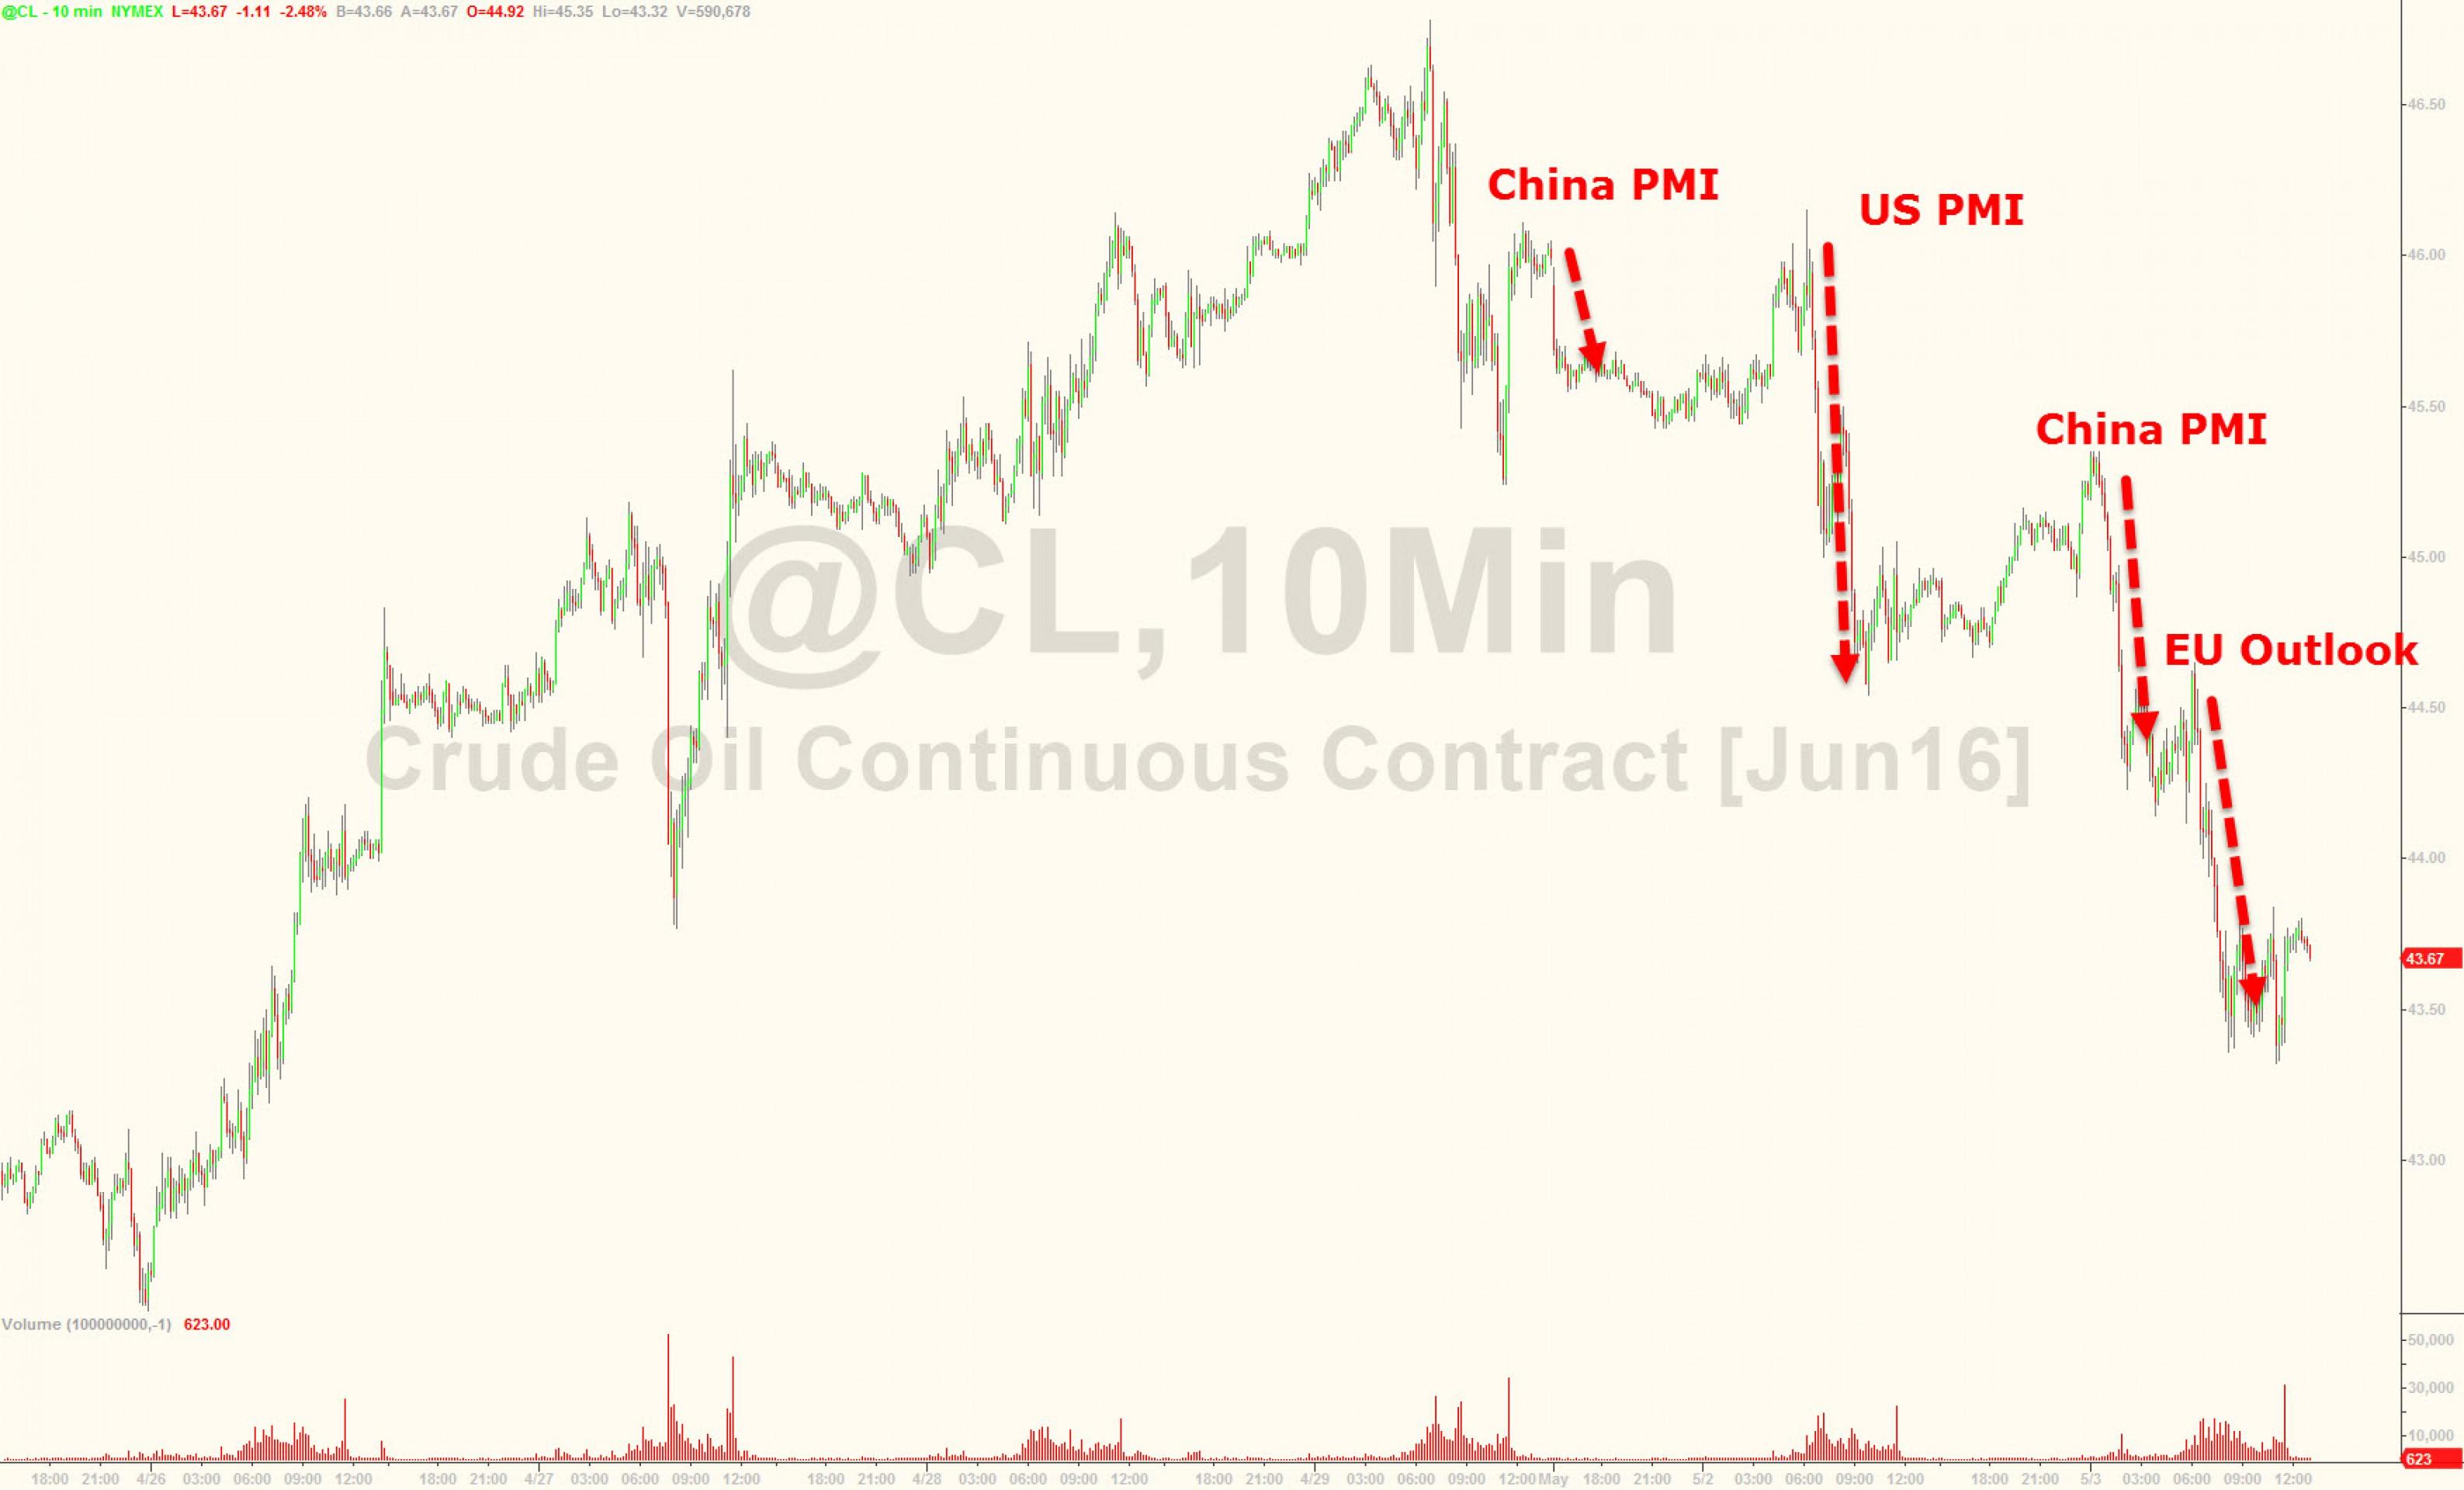 ЦБ Китая провел сильнейшее ослабление юаня с августа